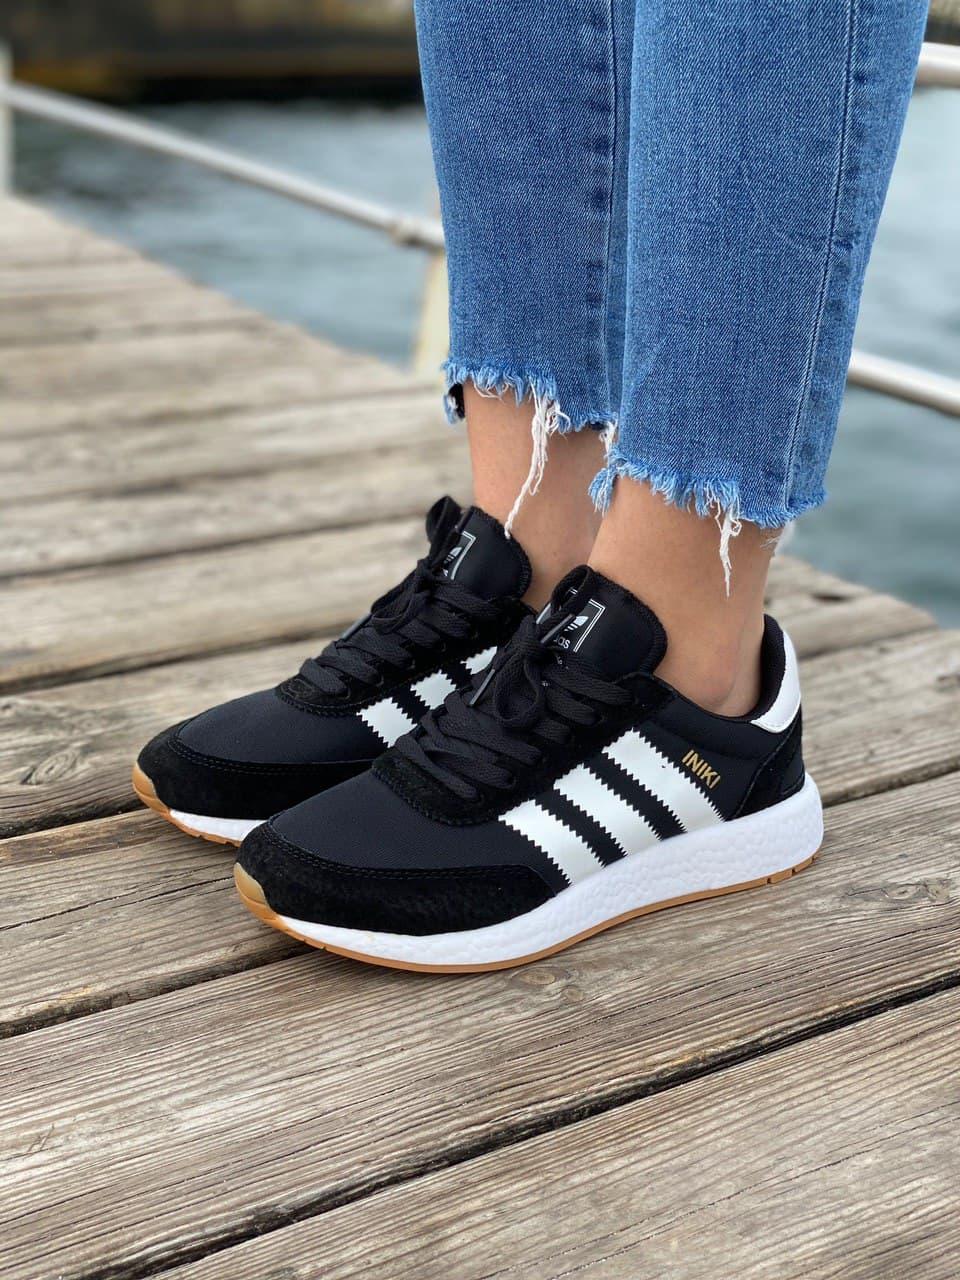 Жіночі легкі і зручні кросівки Adidas Iniki Runner Black White (Кросівки Адідас Иники чорні недорогі)